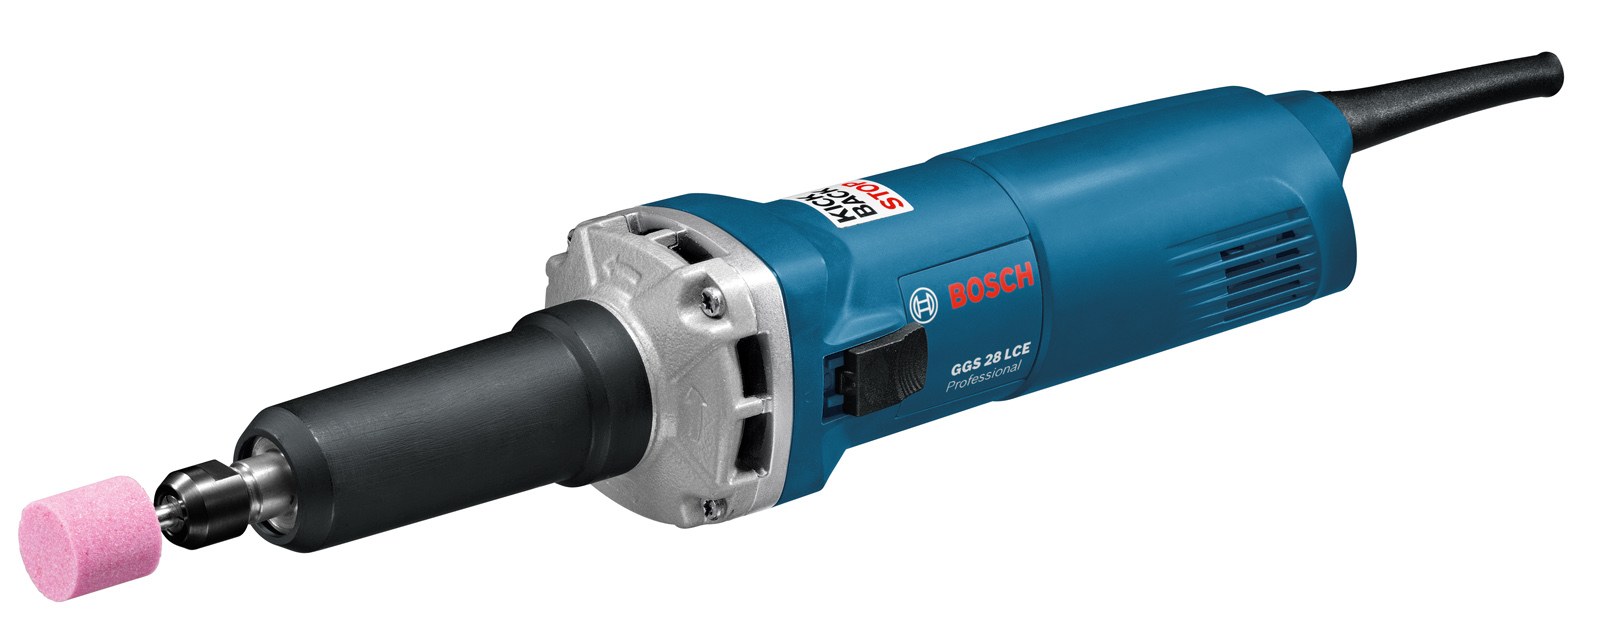 Машинка шлифовальная прямая Bosch Ggs 28 lce (0.601.221.100)